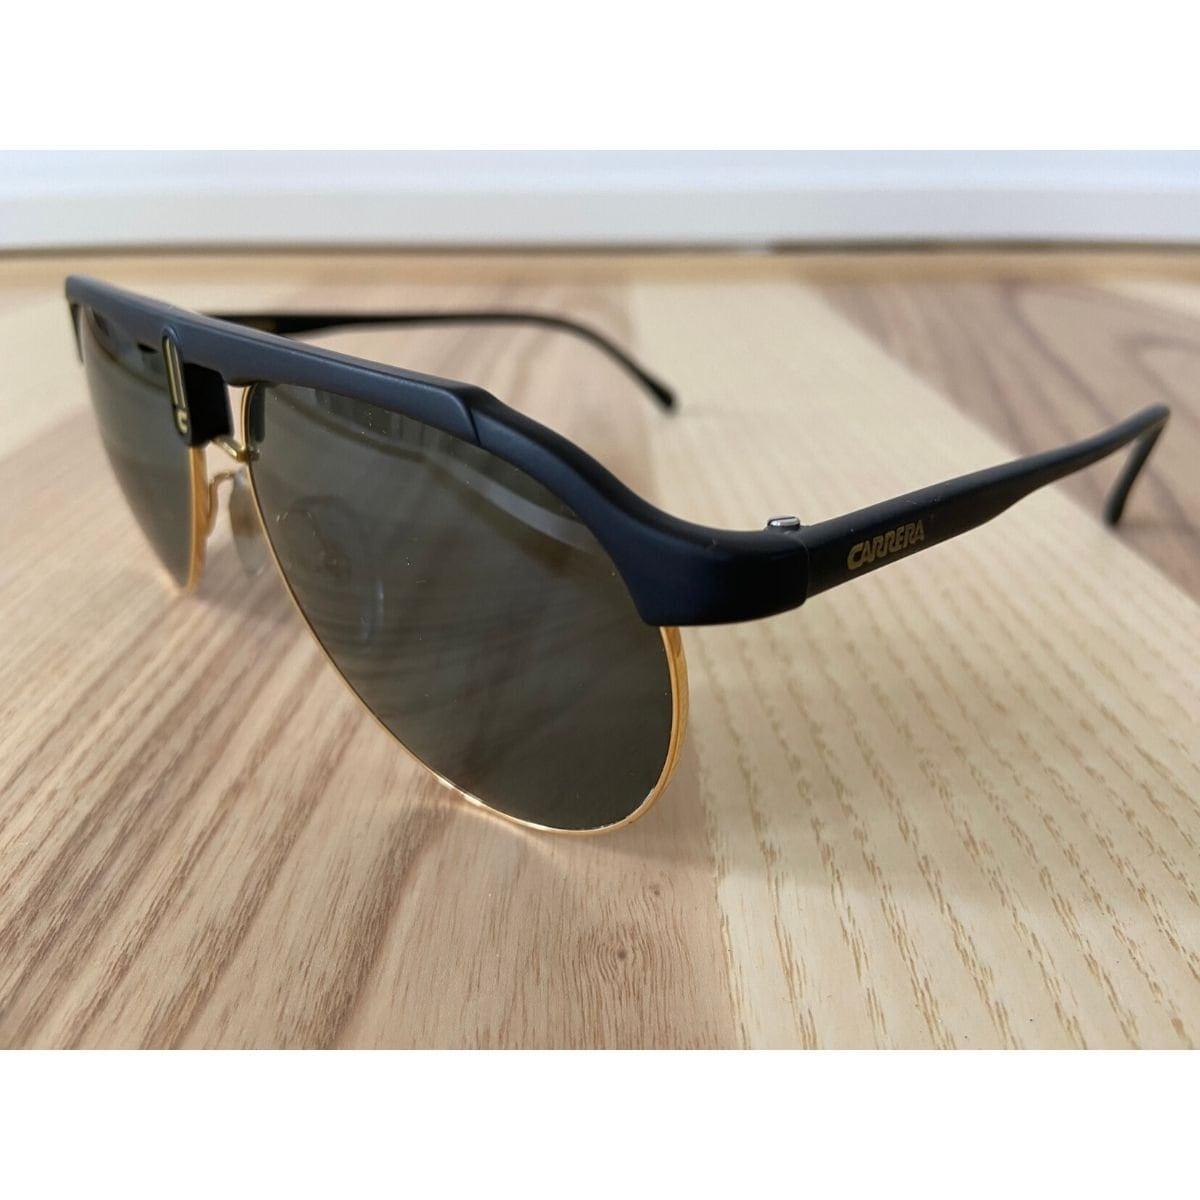 Gafas de sol Carrera 5478-90 Vintage